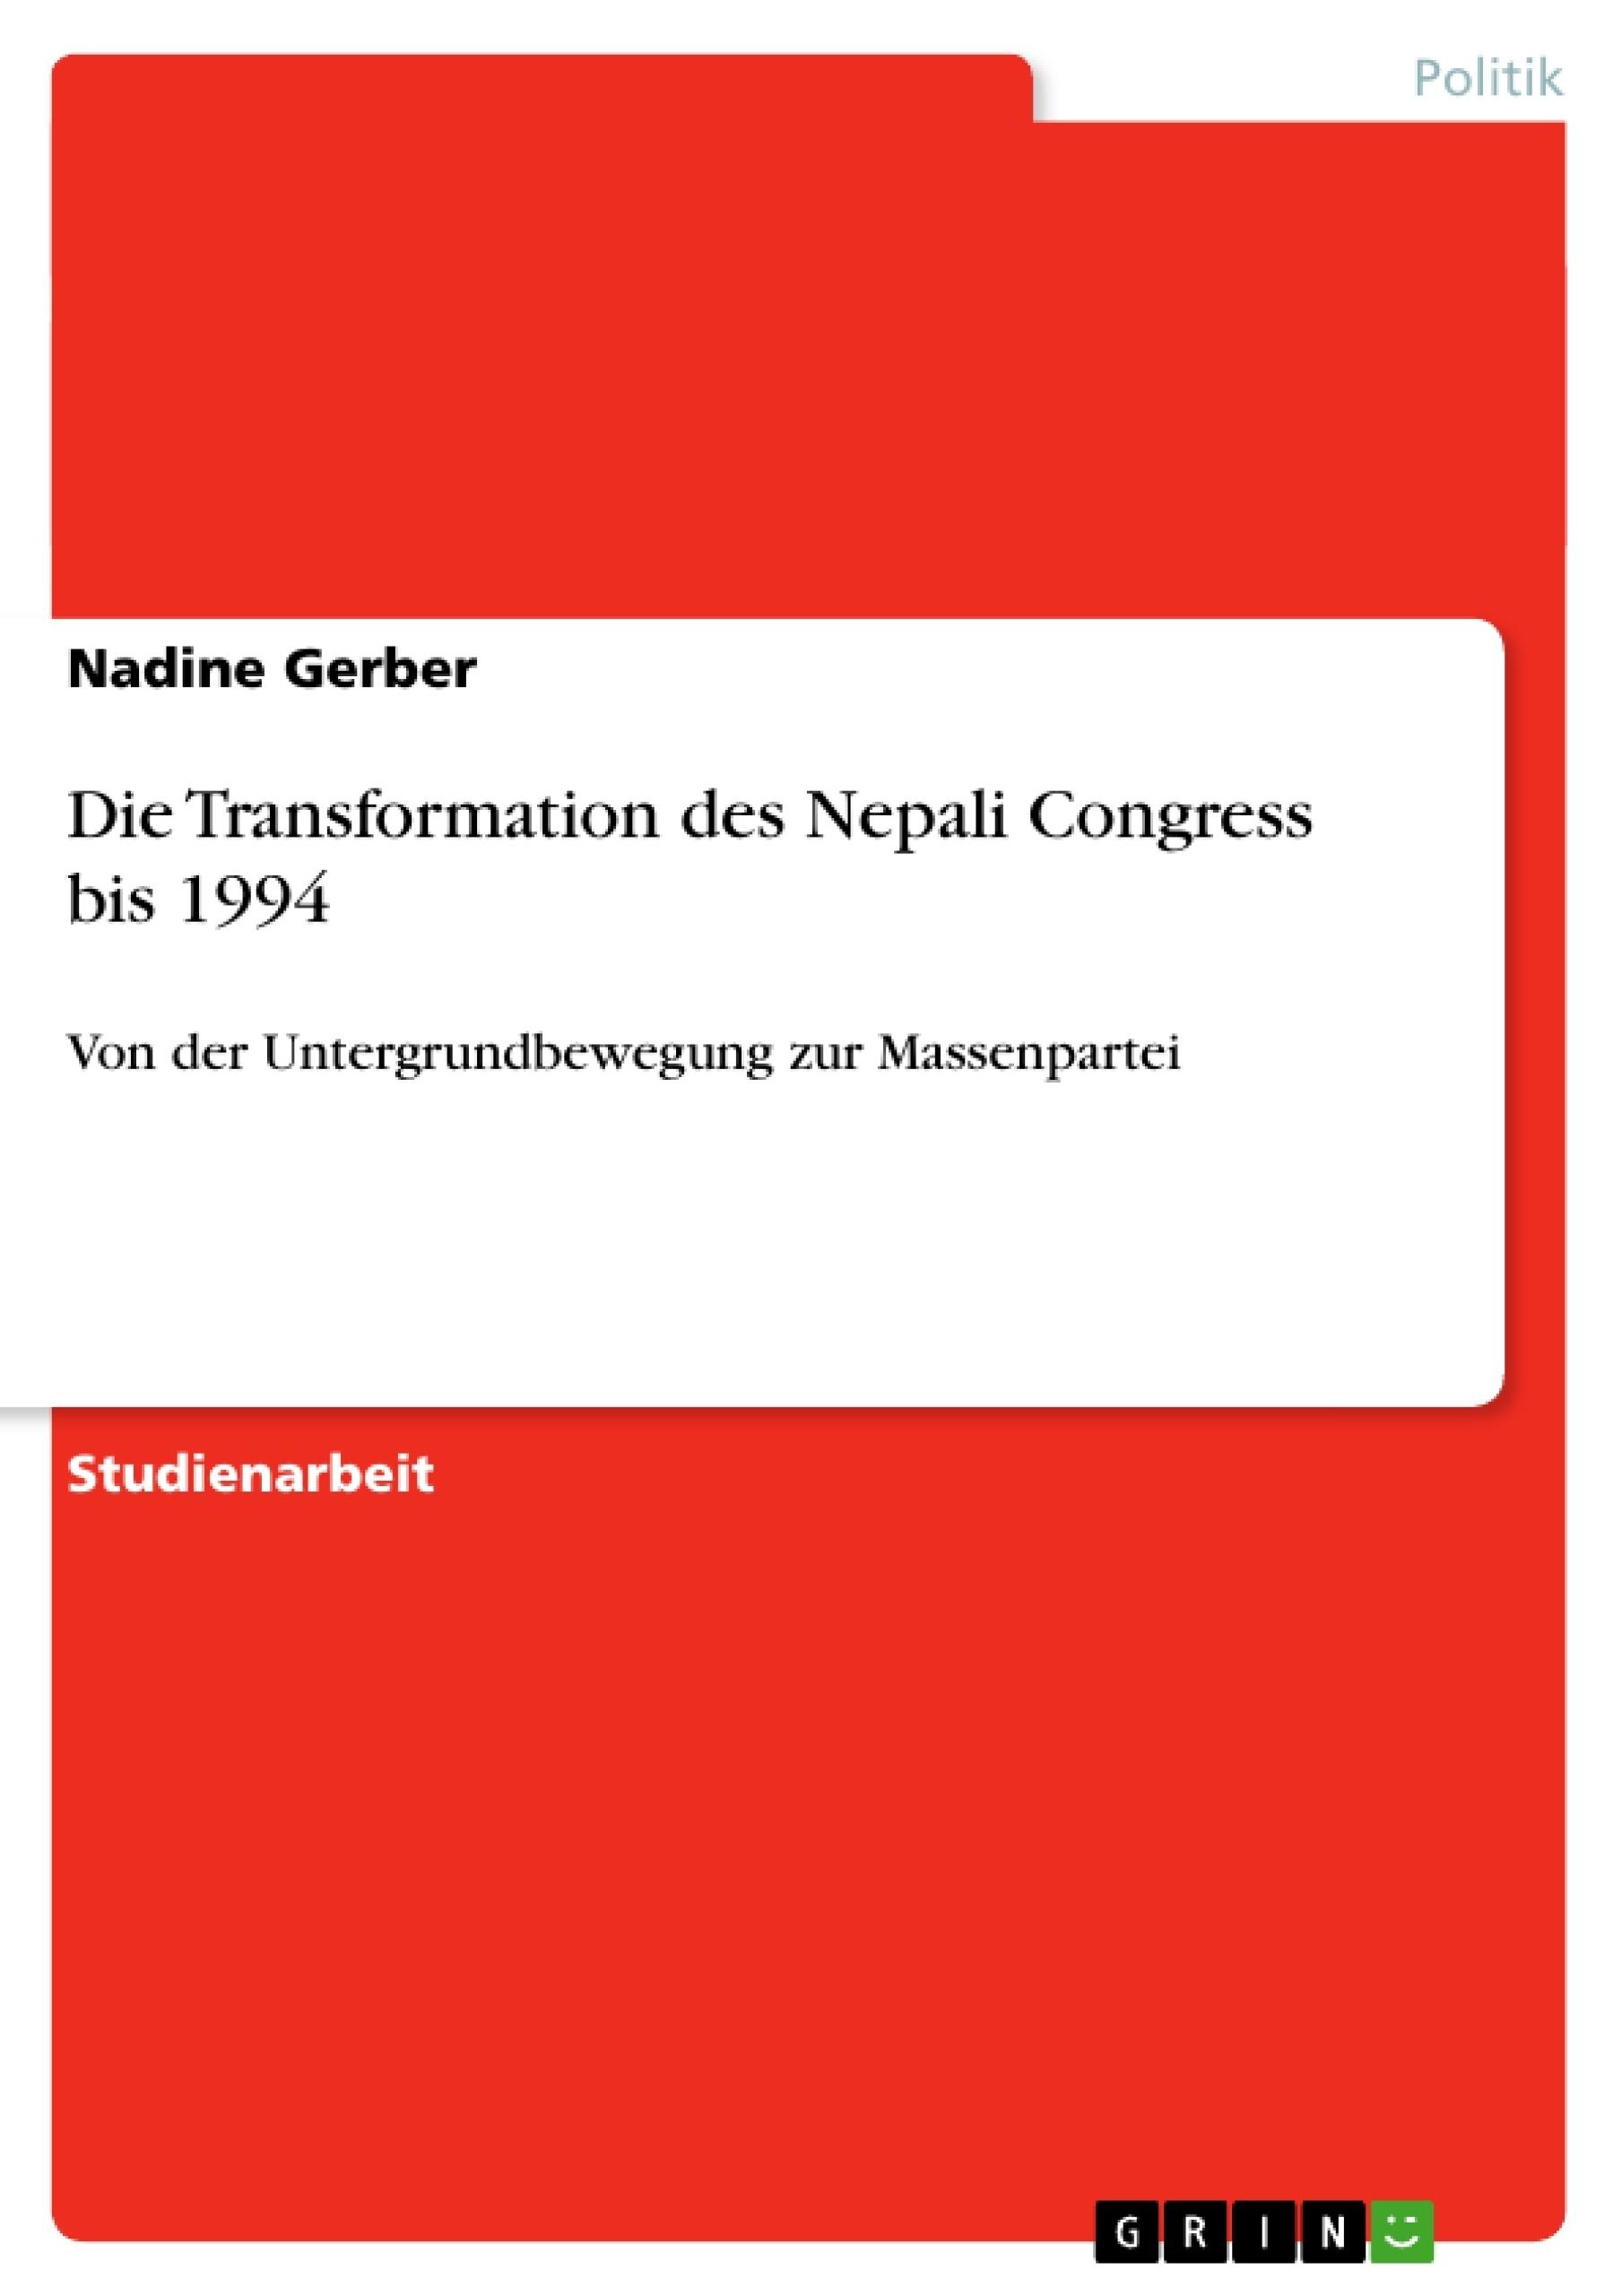 Titel: Die Transformation des Nepali Congress bis 1994